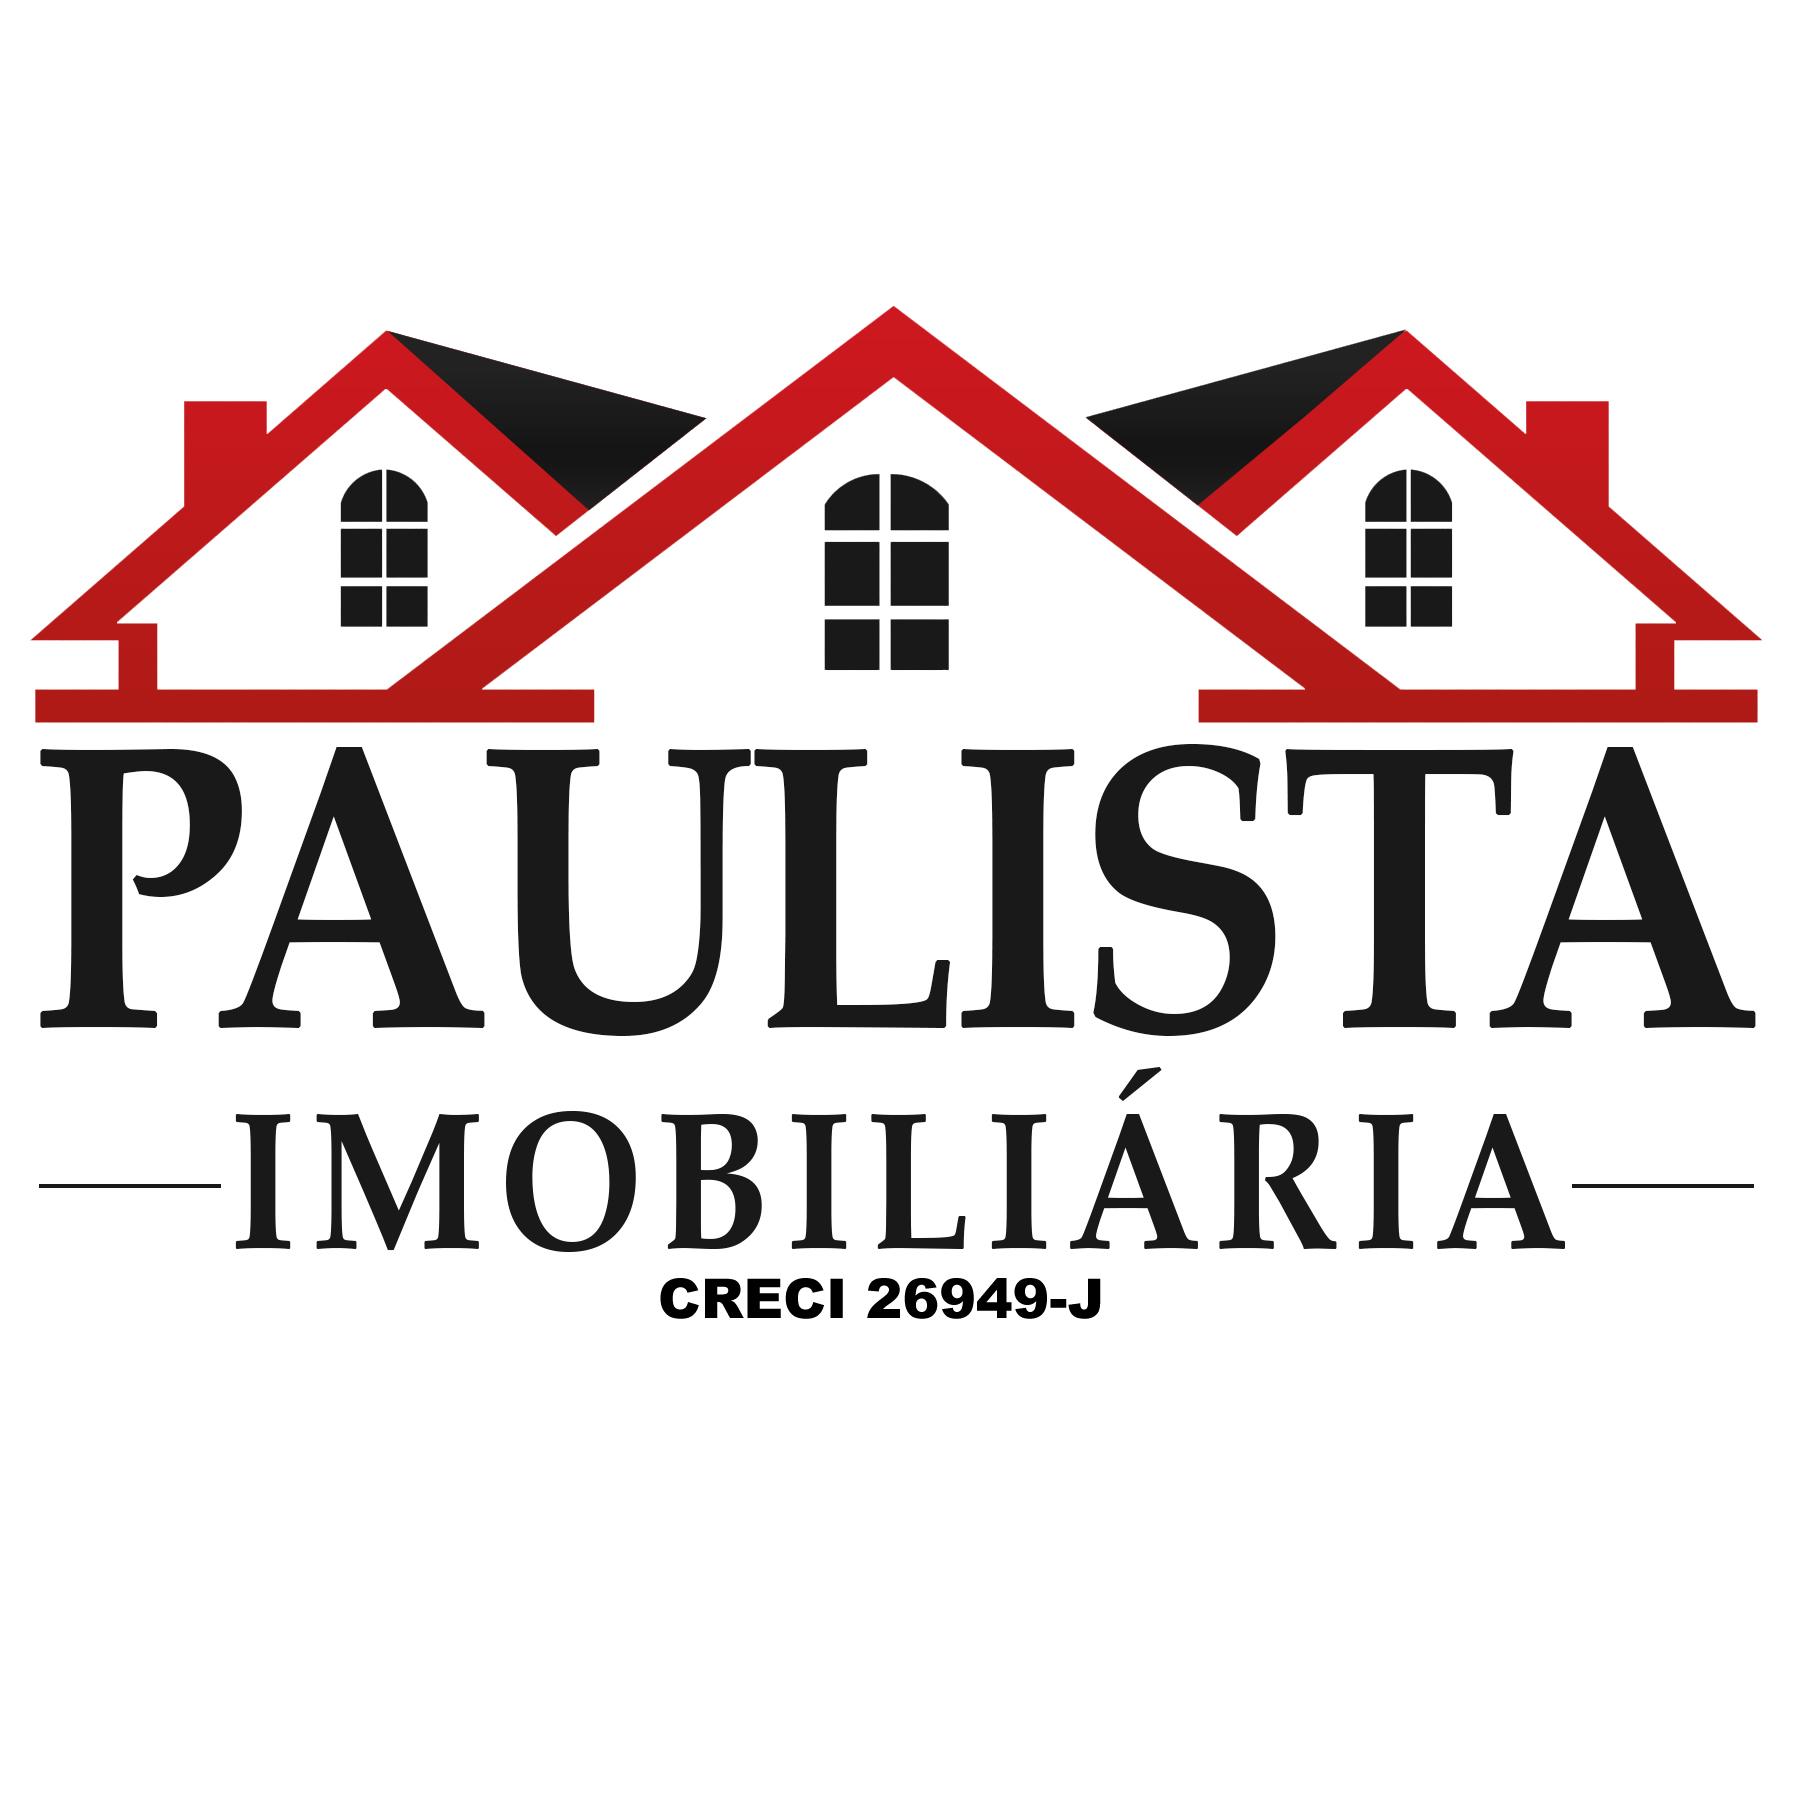 Paulista Imobiliária